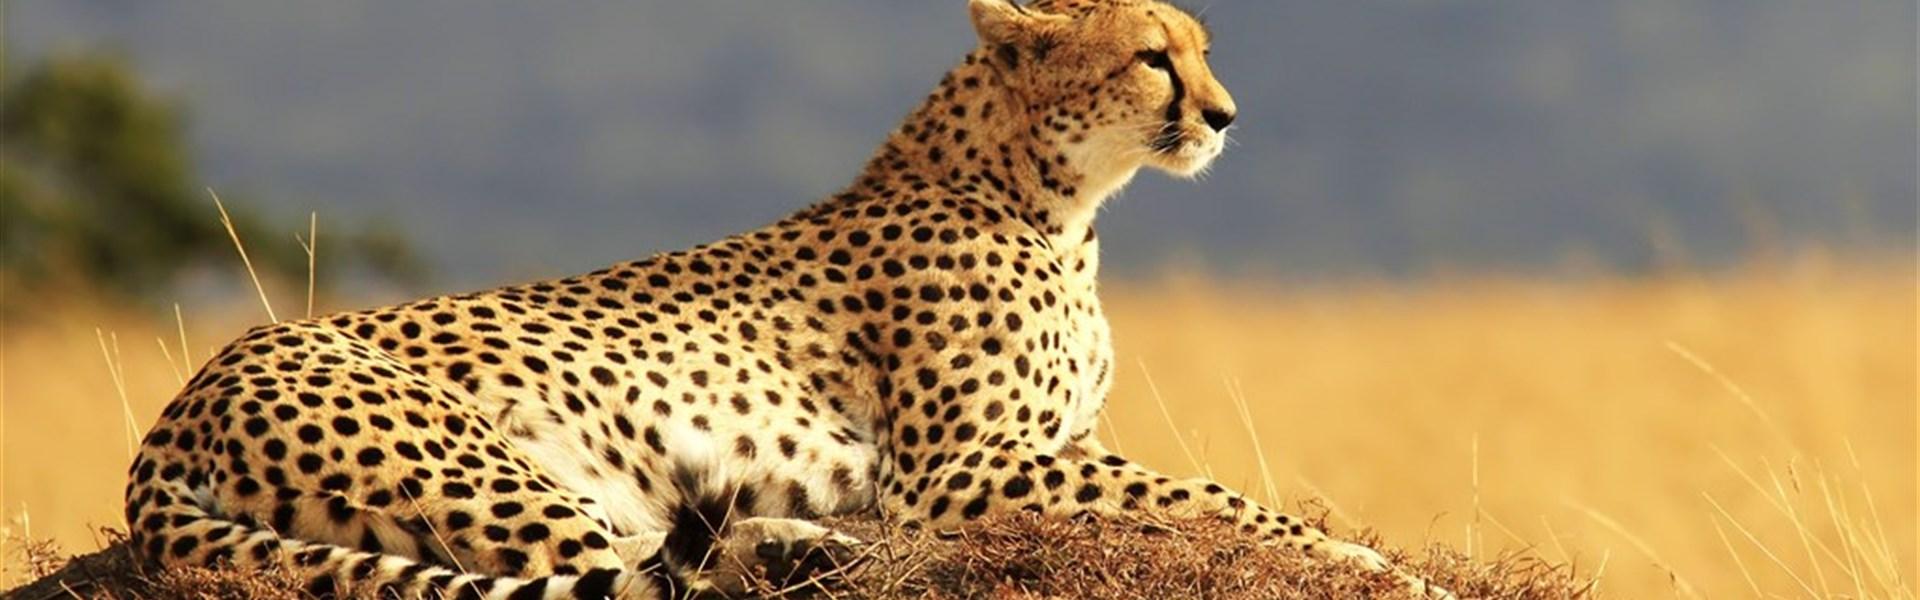 Safari v Keni - Putování za Velkou pětkou - s českým průvodcem - Gepard - foceno na safari v Masai Mara